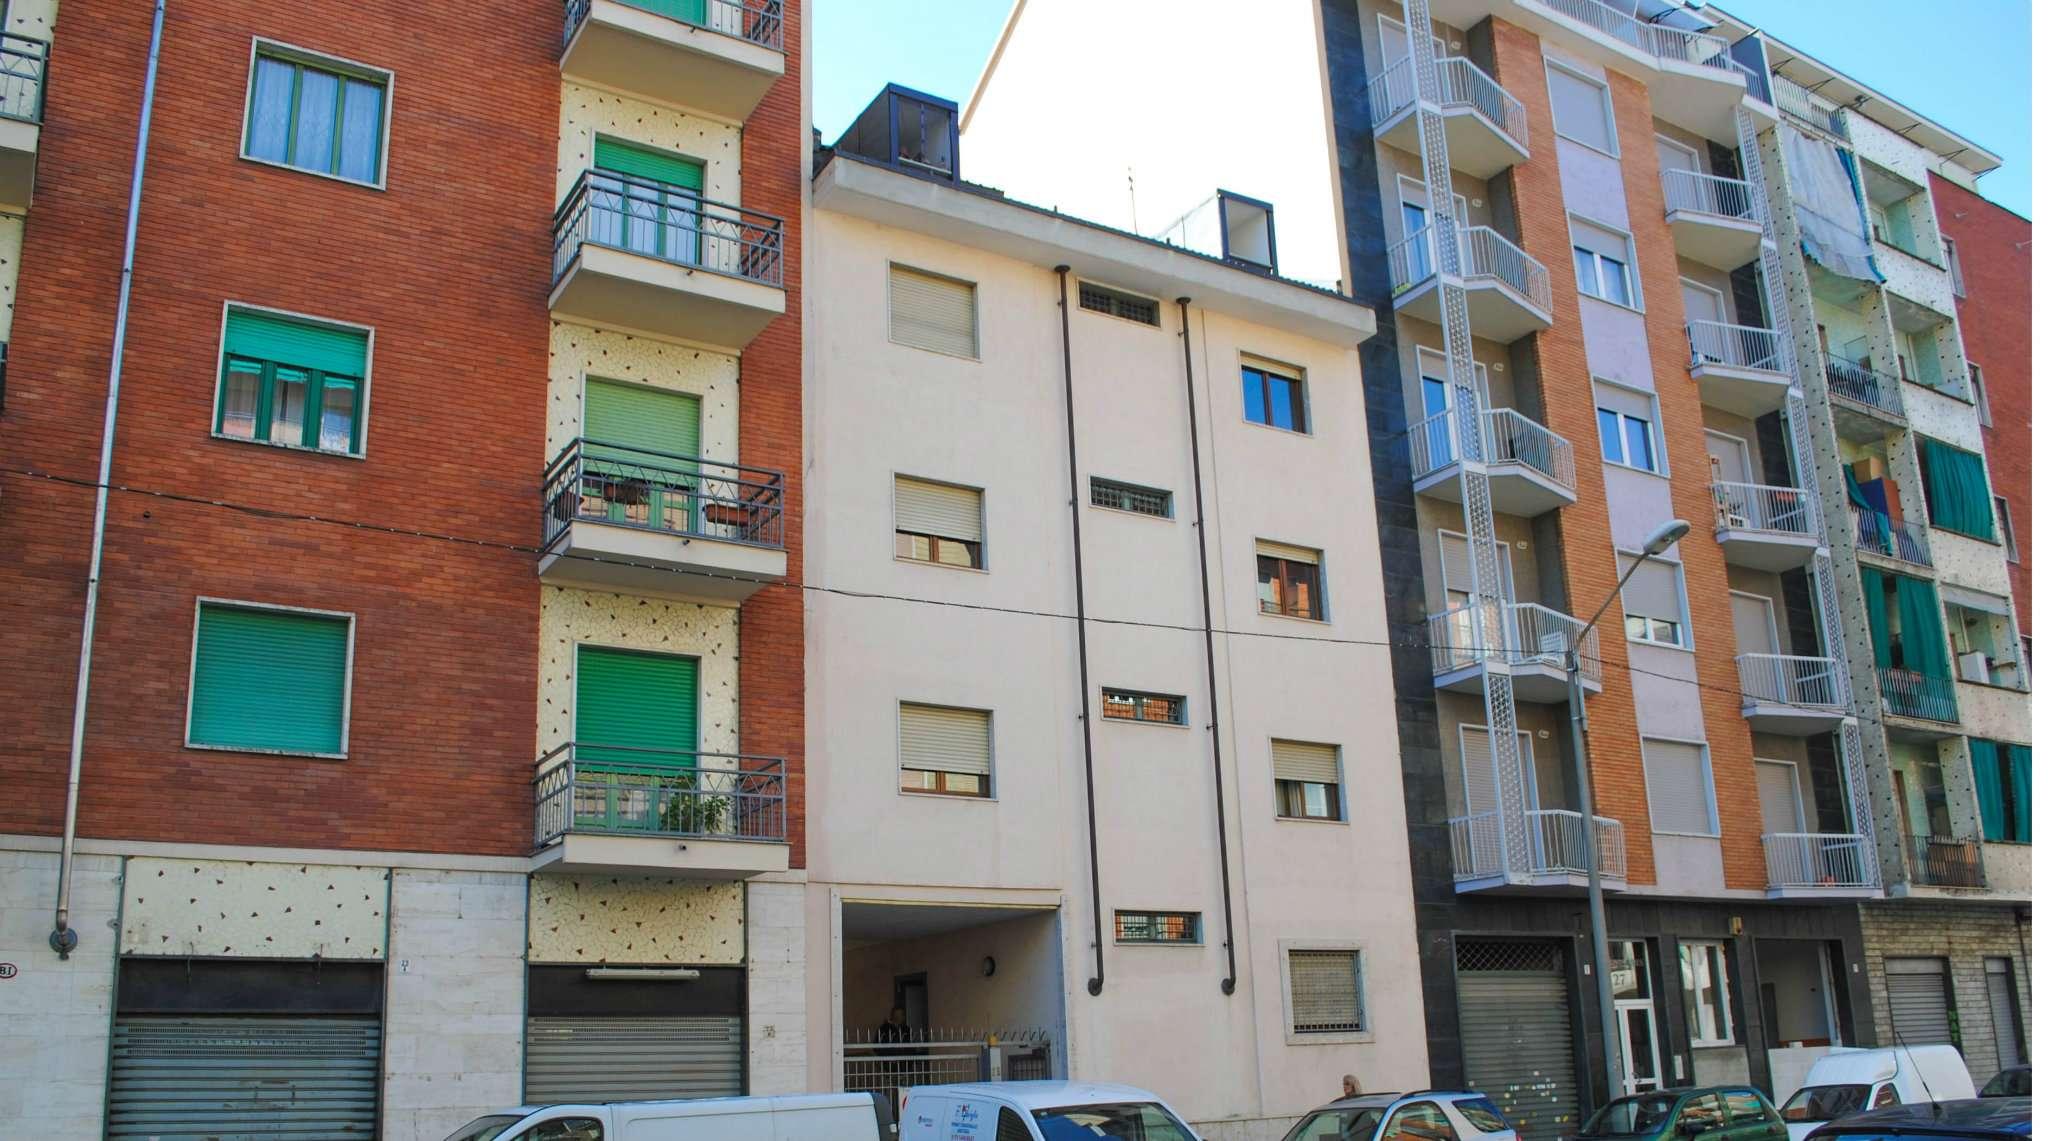 Palazzo / Stabile in vendita a Torino, 9999 locali, zona Zona: 7 . Santa Rita, prezzo € 1.050.000 | CambioCasa.it